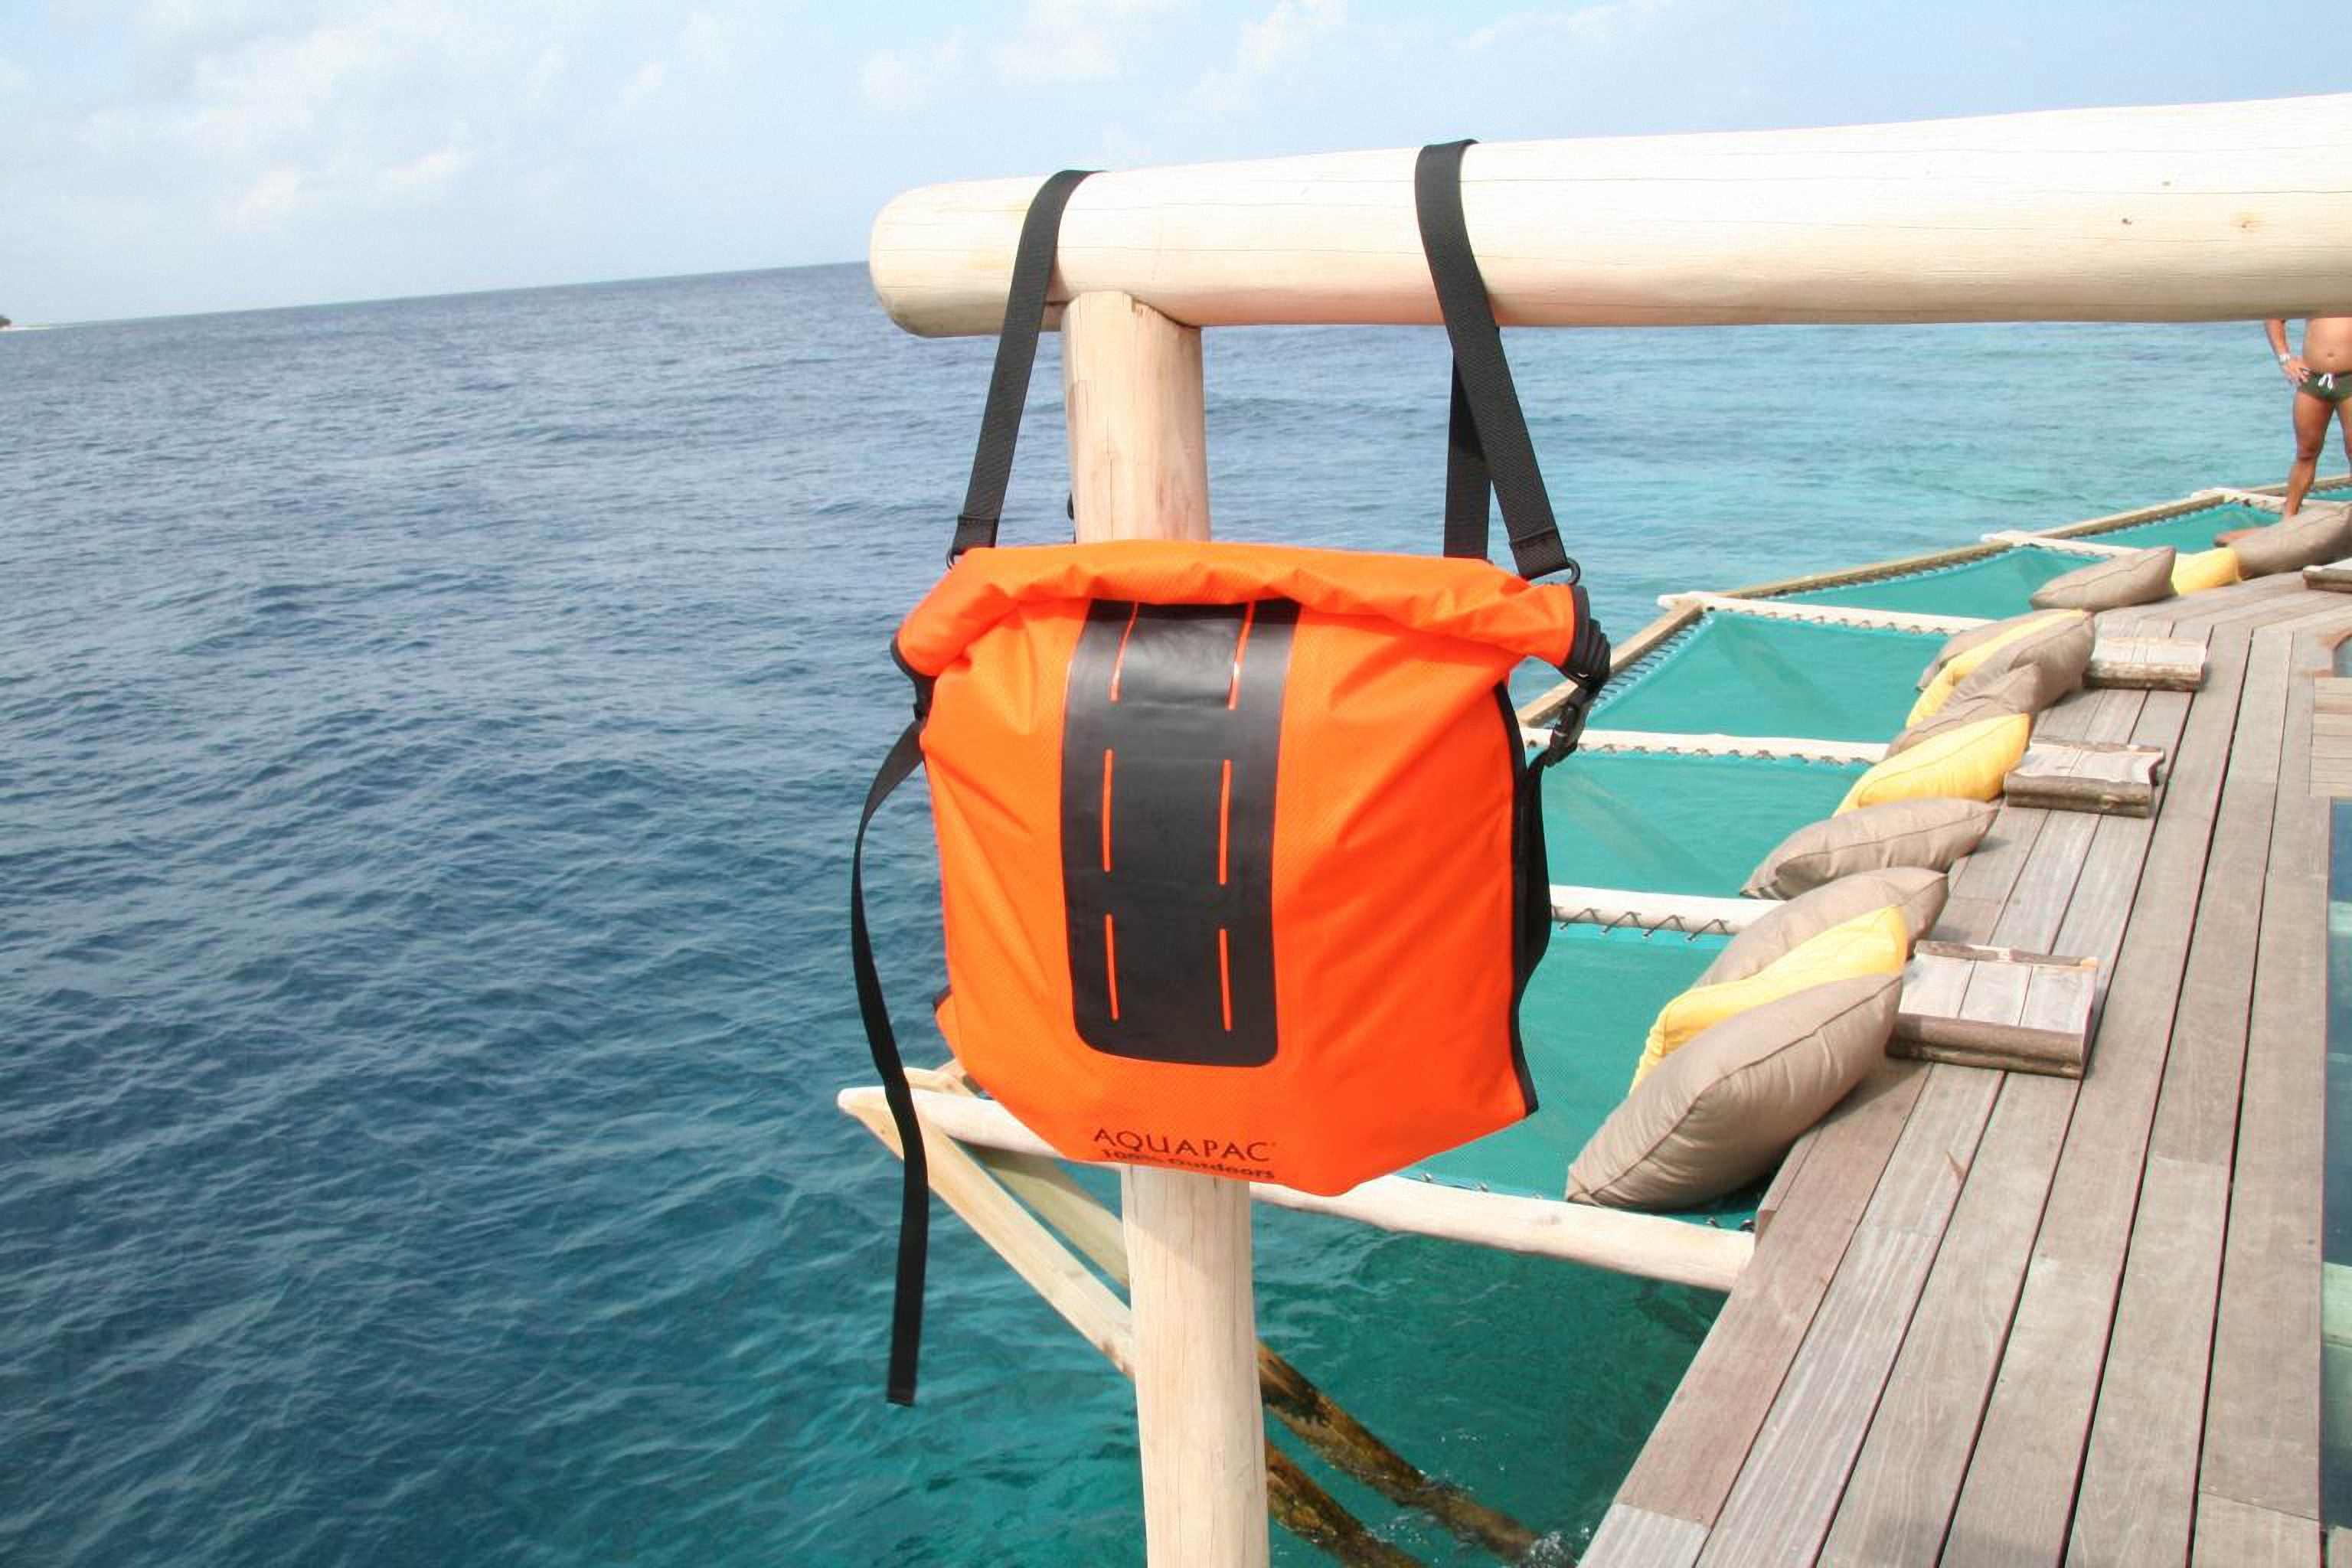 Водонепроницаемый  гермомешок-рюкзак (с двумя плечевыми ремнями) Aquapac 761 - Noatak Wet & Drybag - 15L.. Aquapac - №1 в мире водонепроницаемых чехлов и сумок. Фото 7